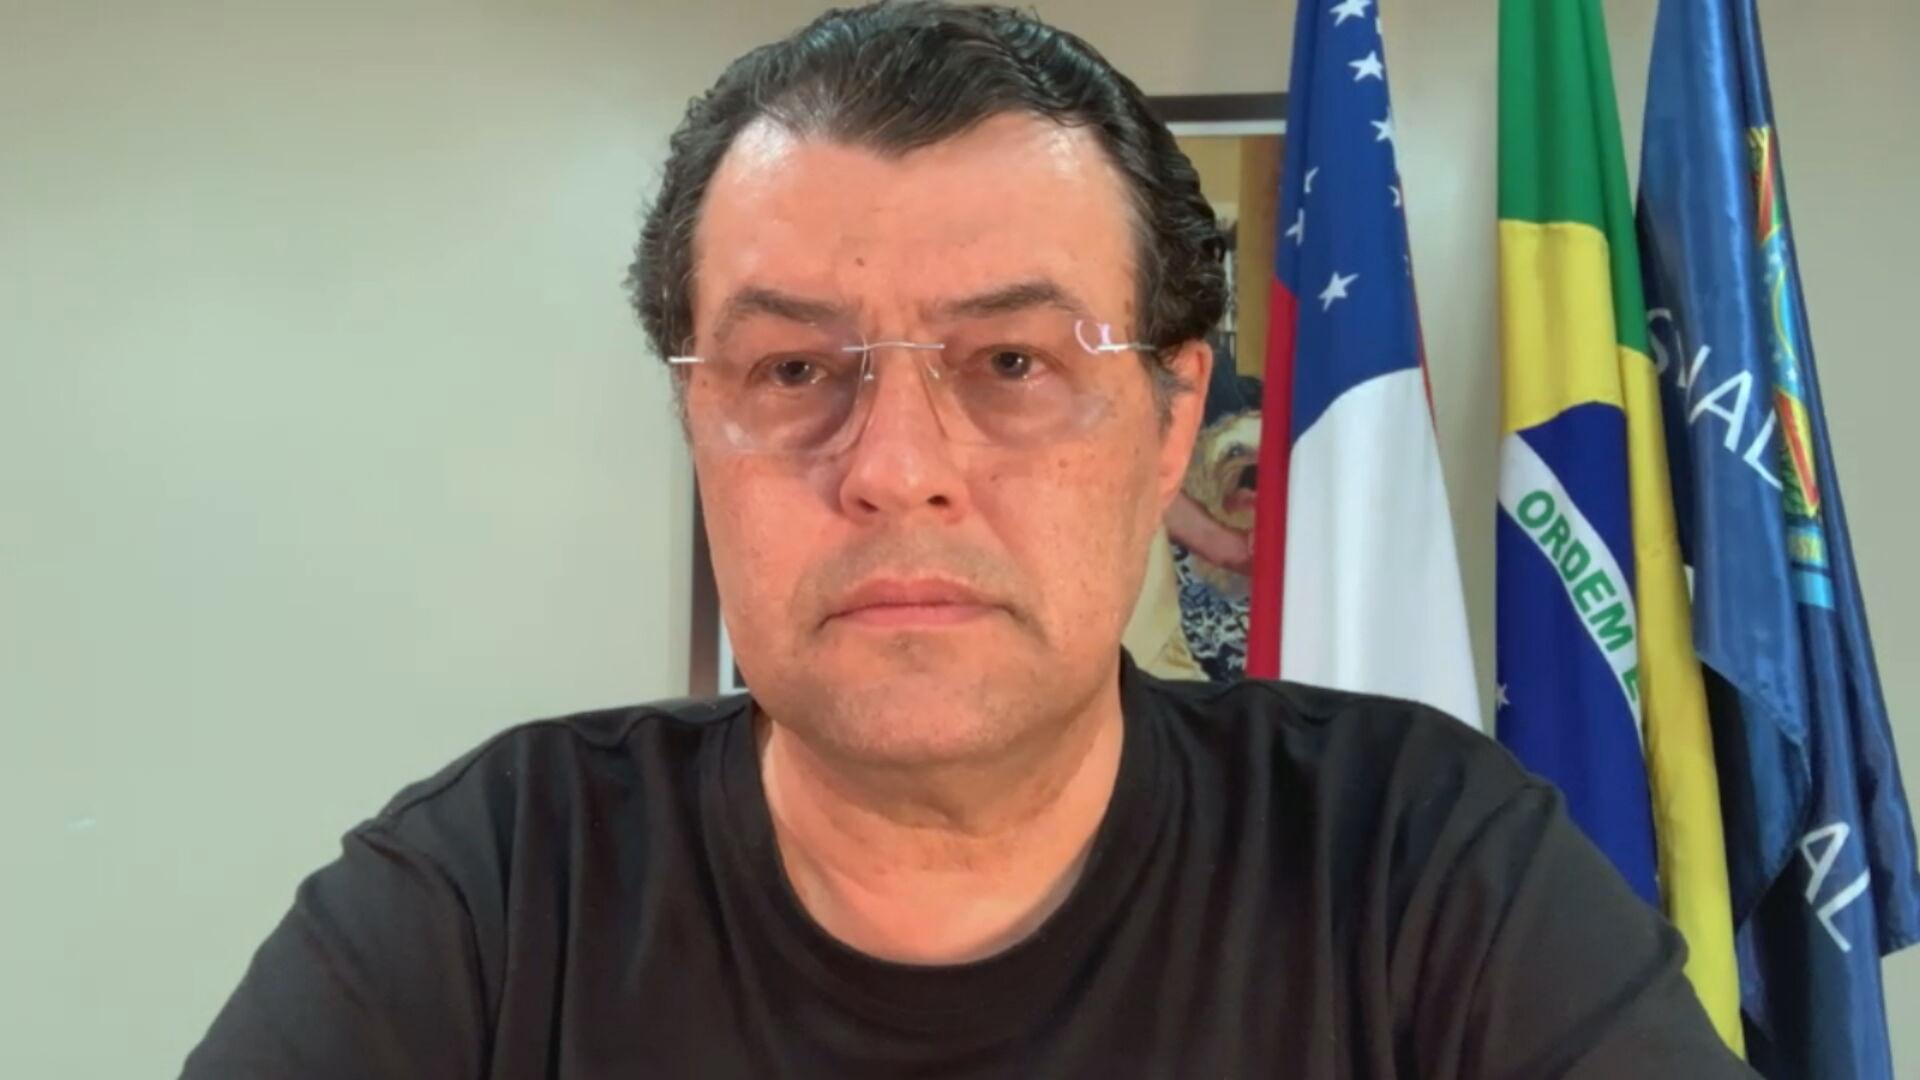 O senador Eduardo Braga (MDB-AM) conversou com a CNN sobre a CPI da Pandemia